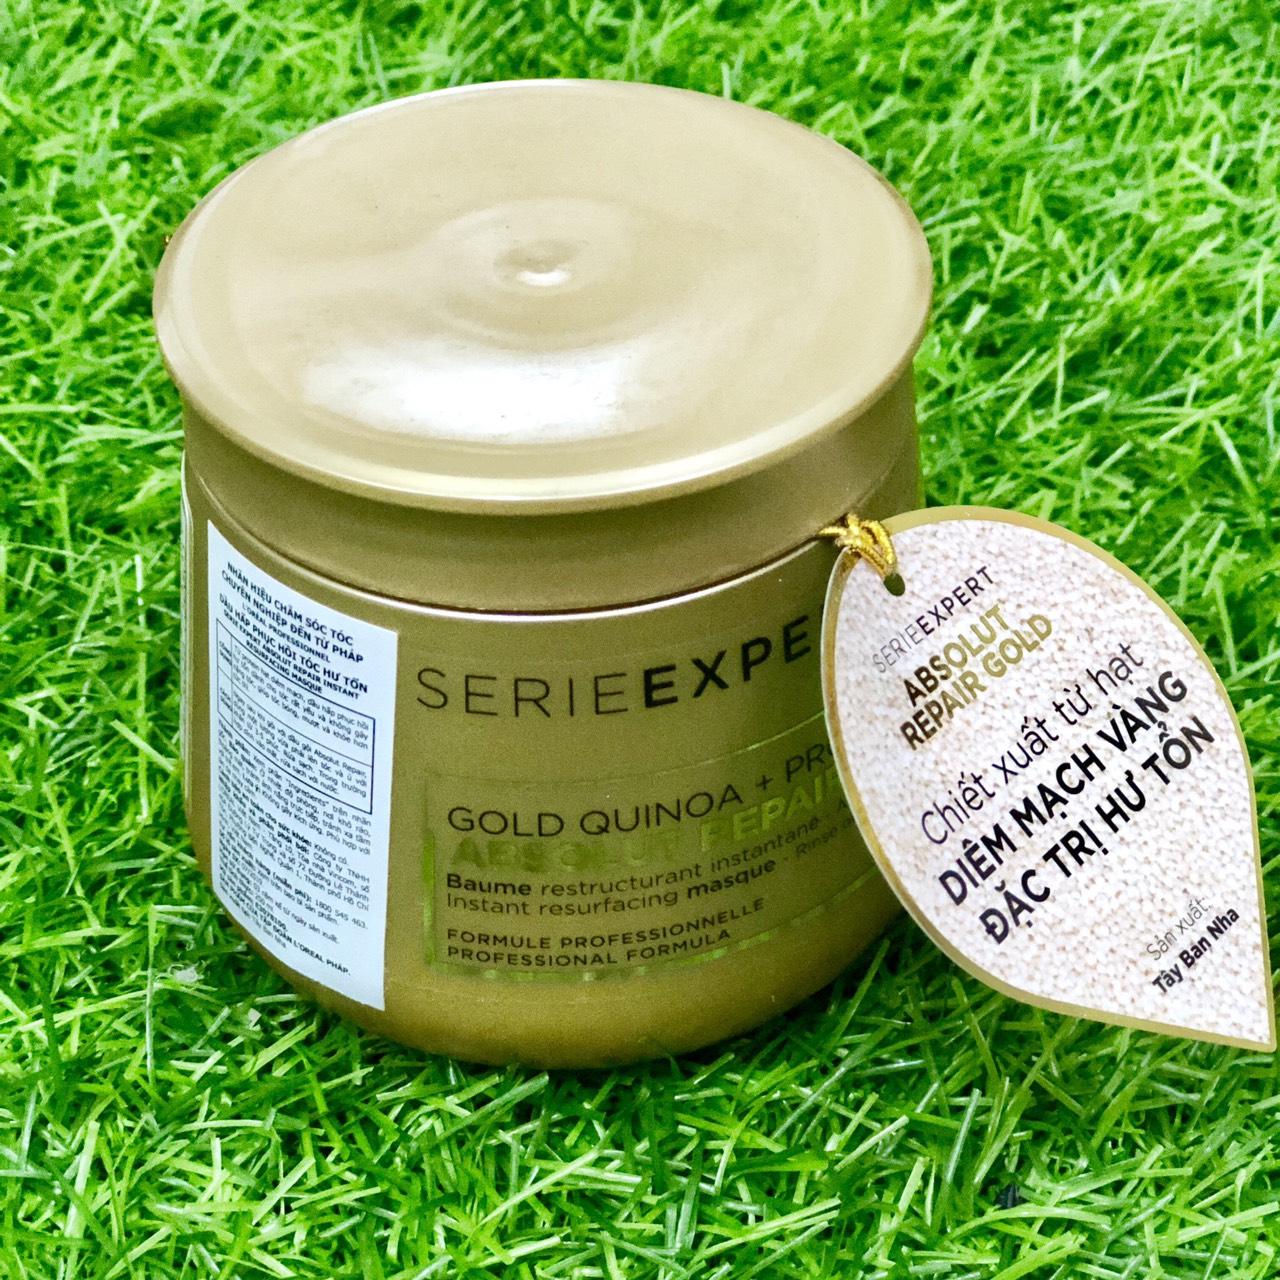 Dầu hấp ủ phục hồi tóc hư tổn L'ORÉAL Serie Expert Gold Quinoa + Protein Absolut Repair Golden Masque - 250ml - (vàng đậm)